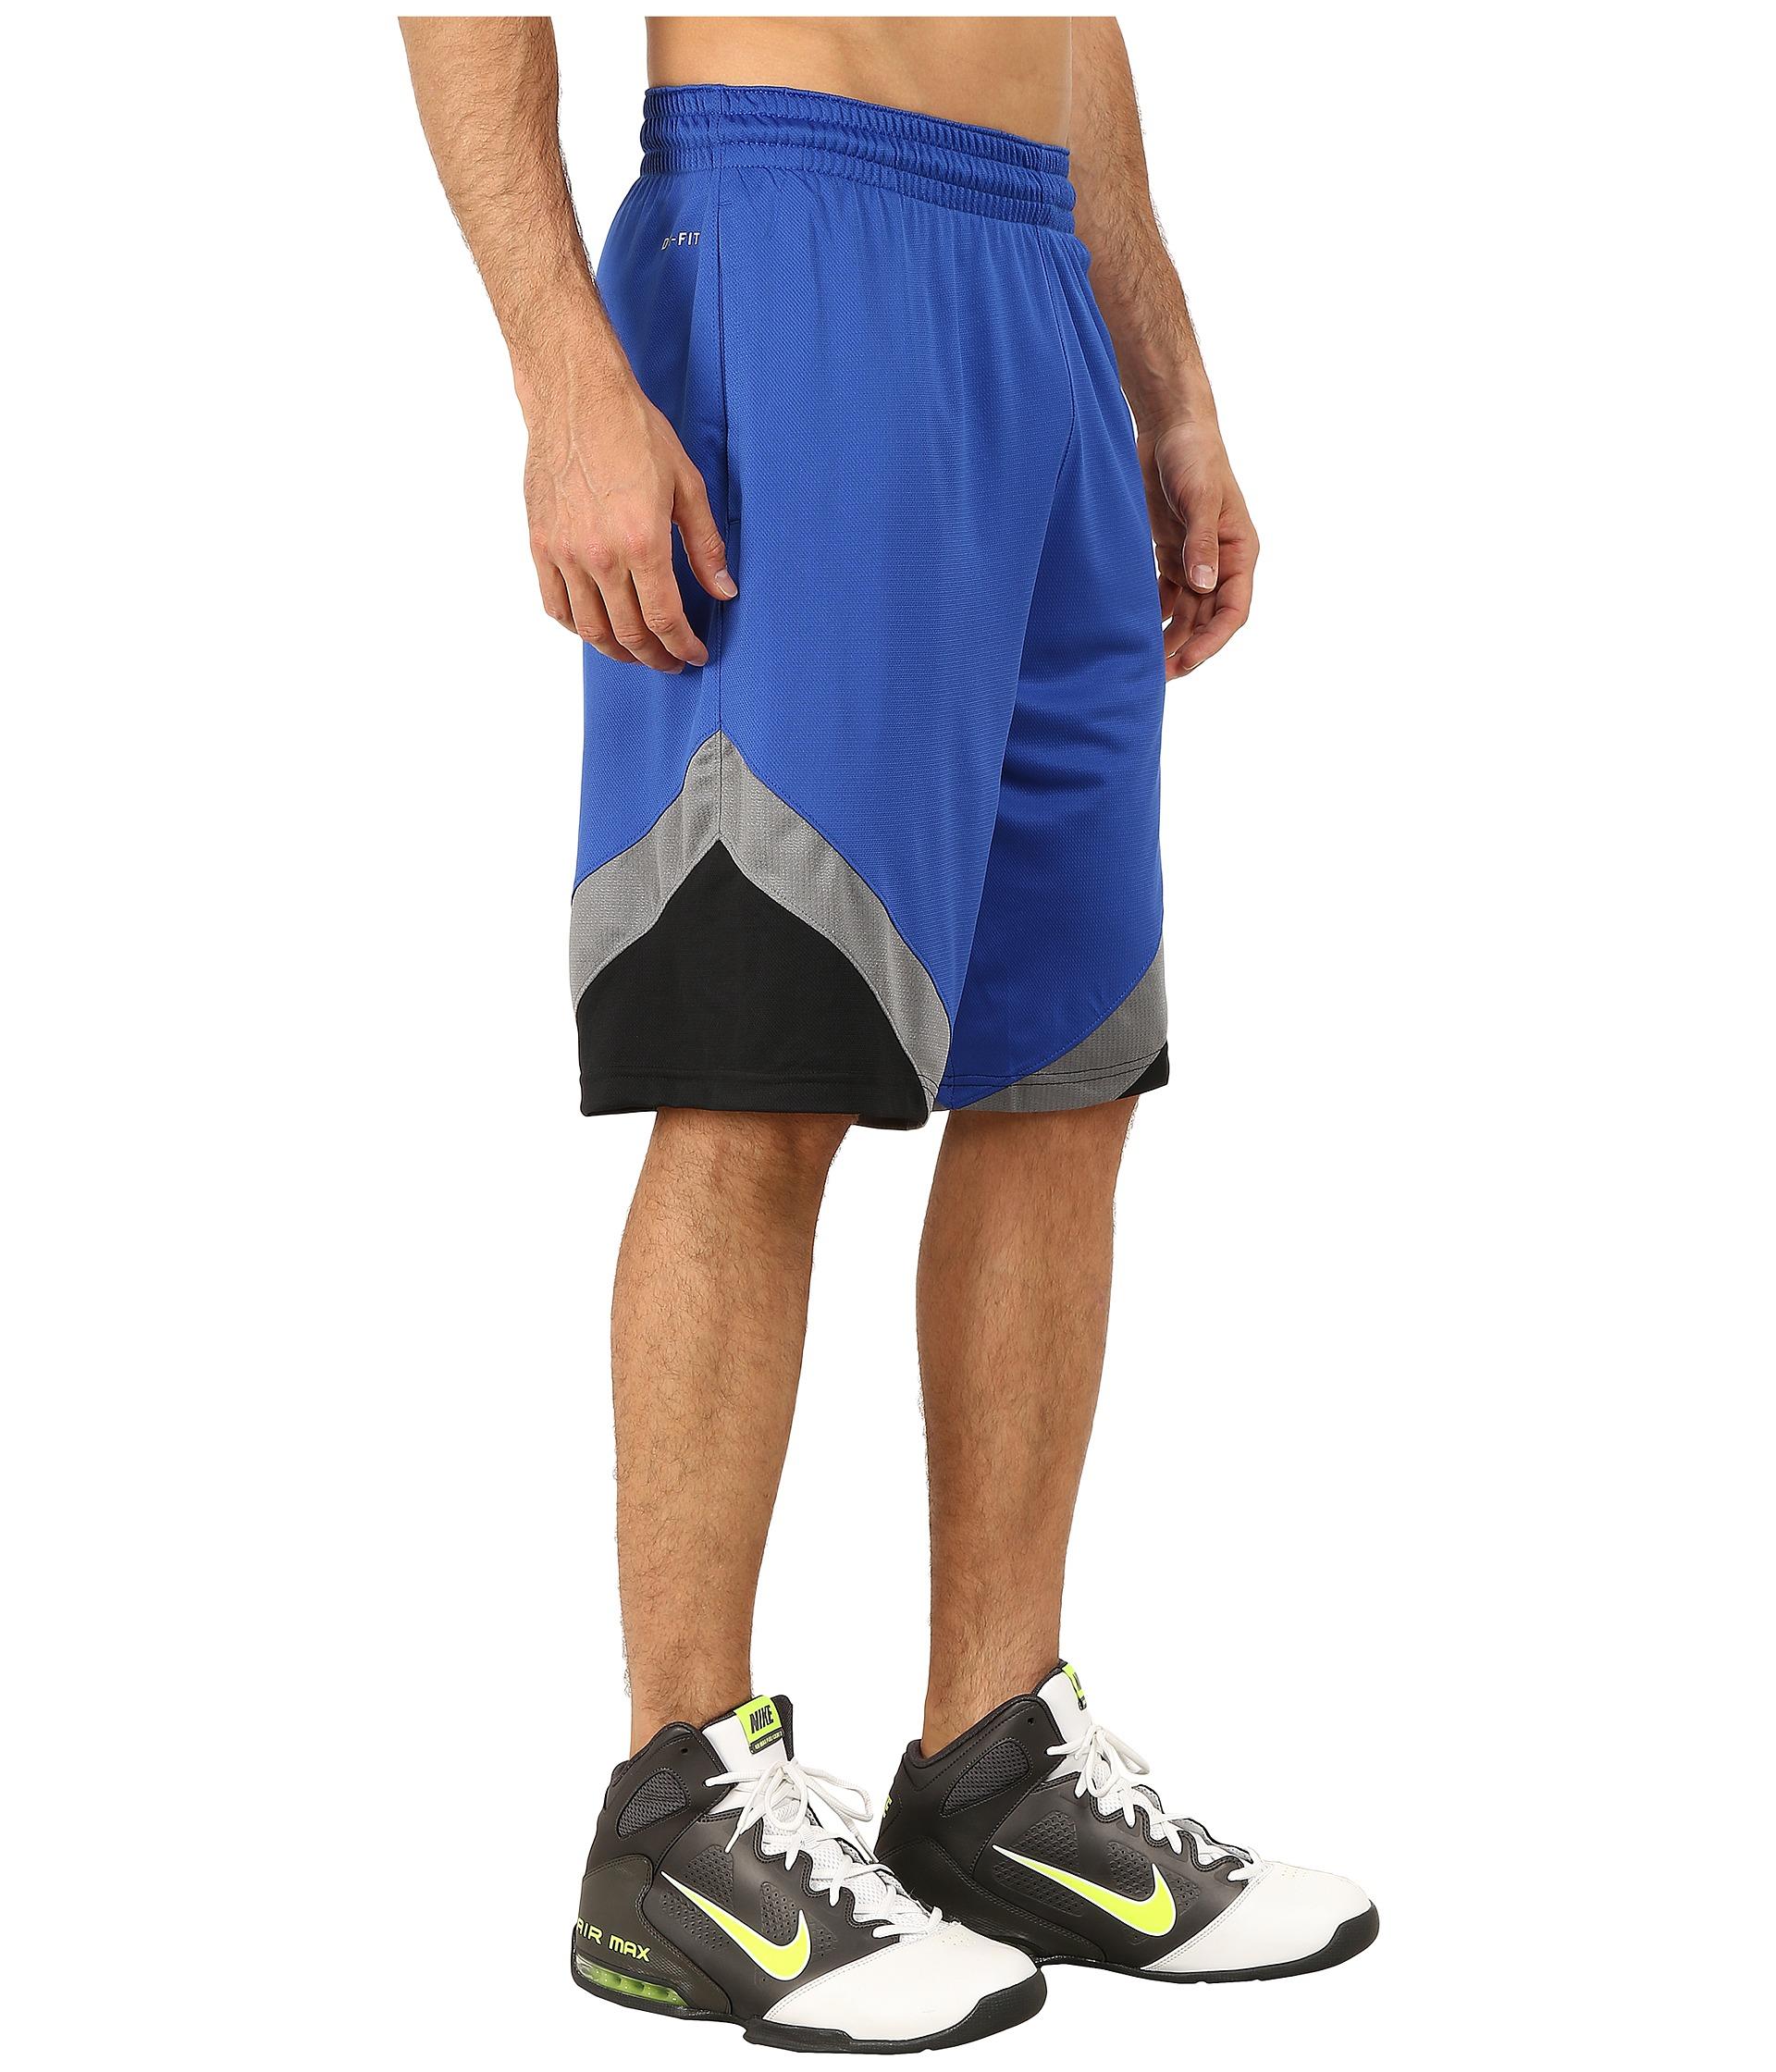 Lyst - Nike Breakaway Shorts in Blue for Men